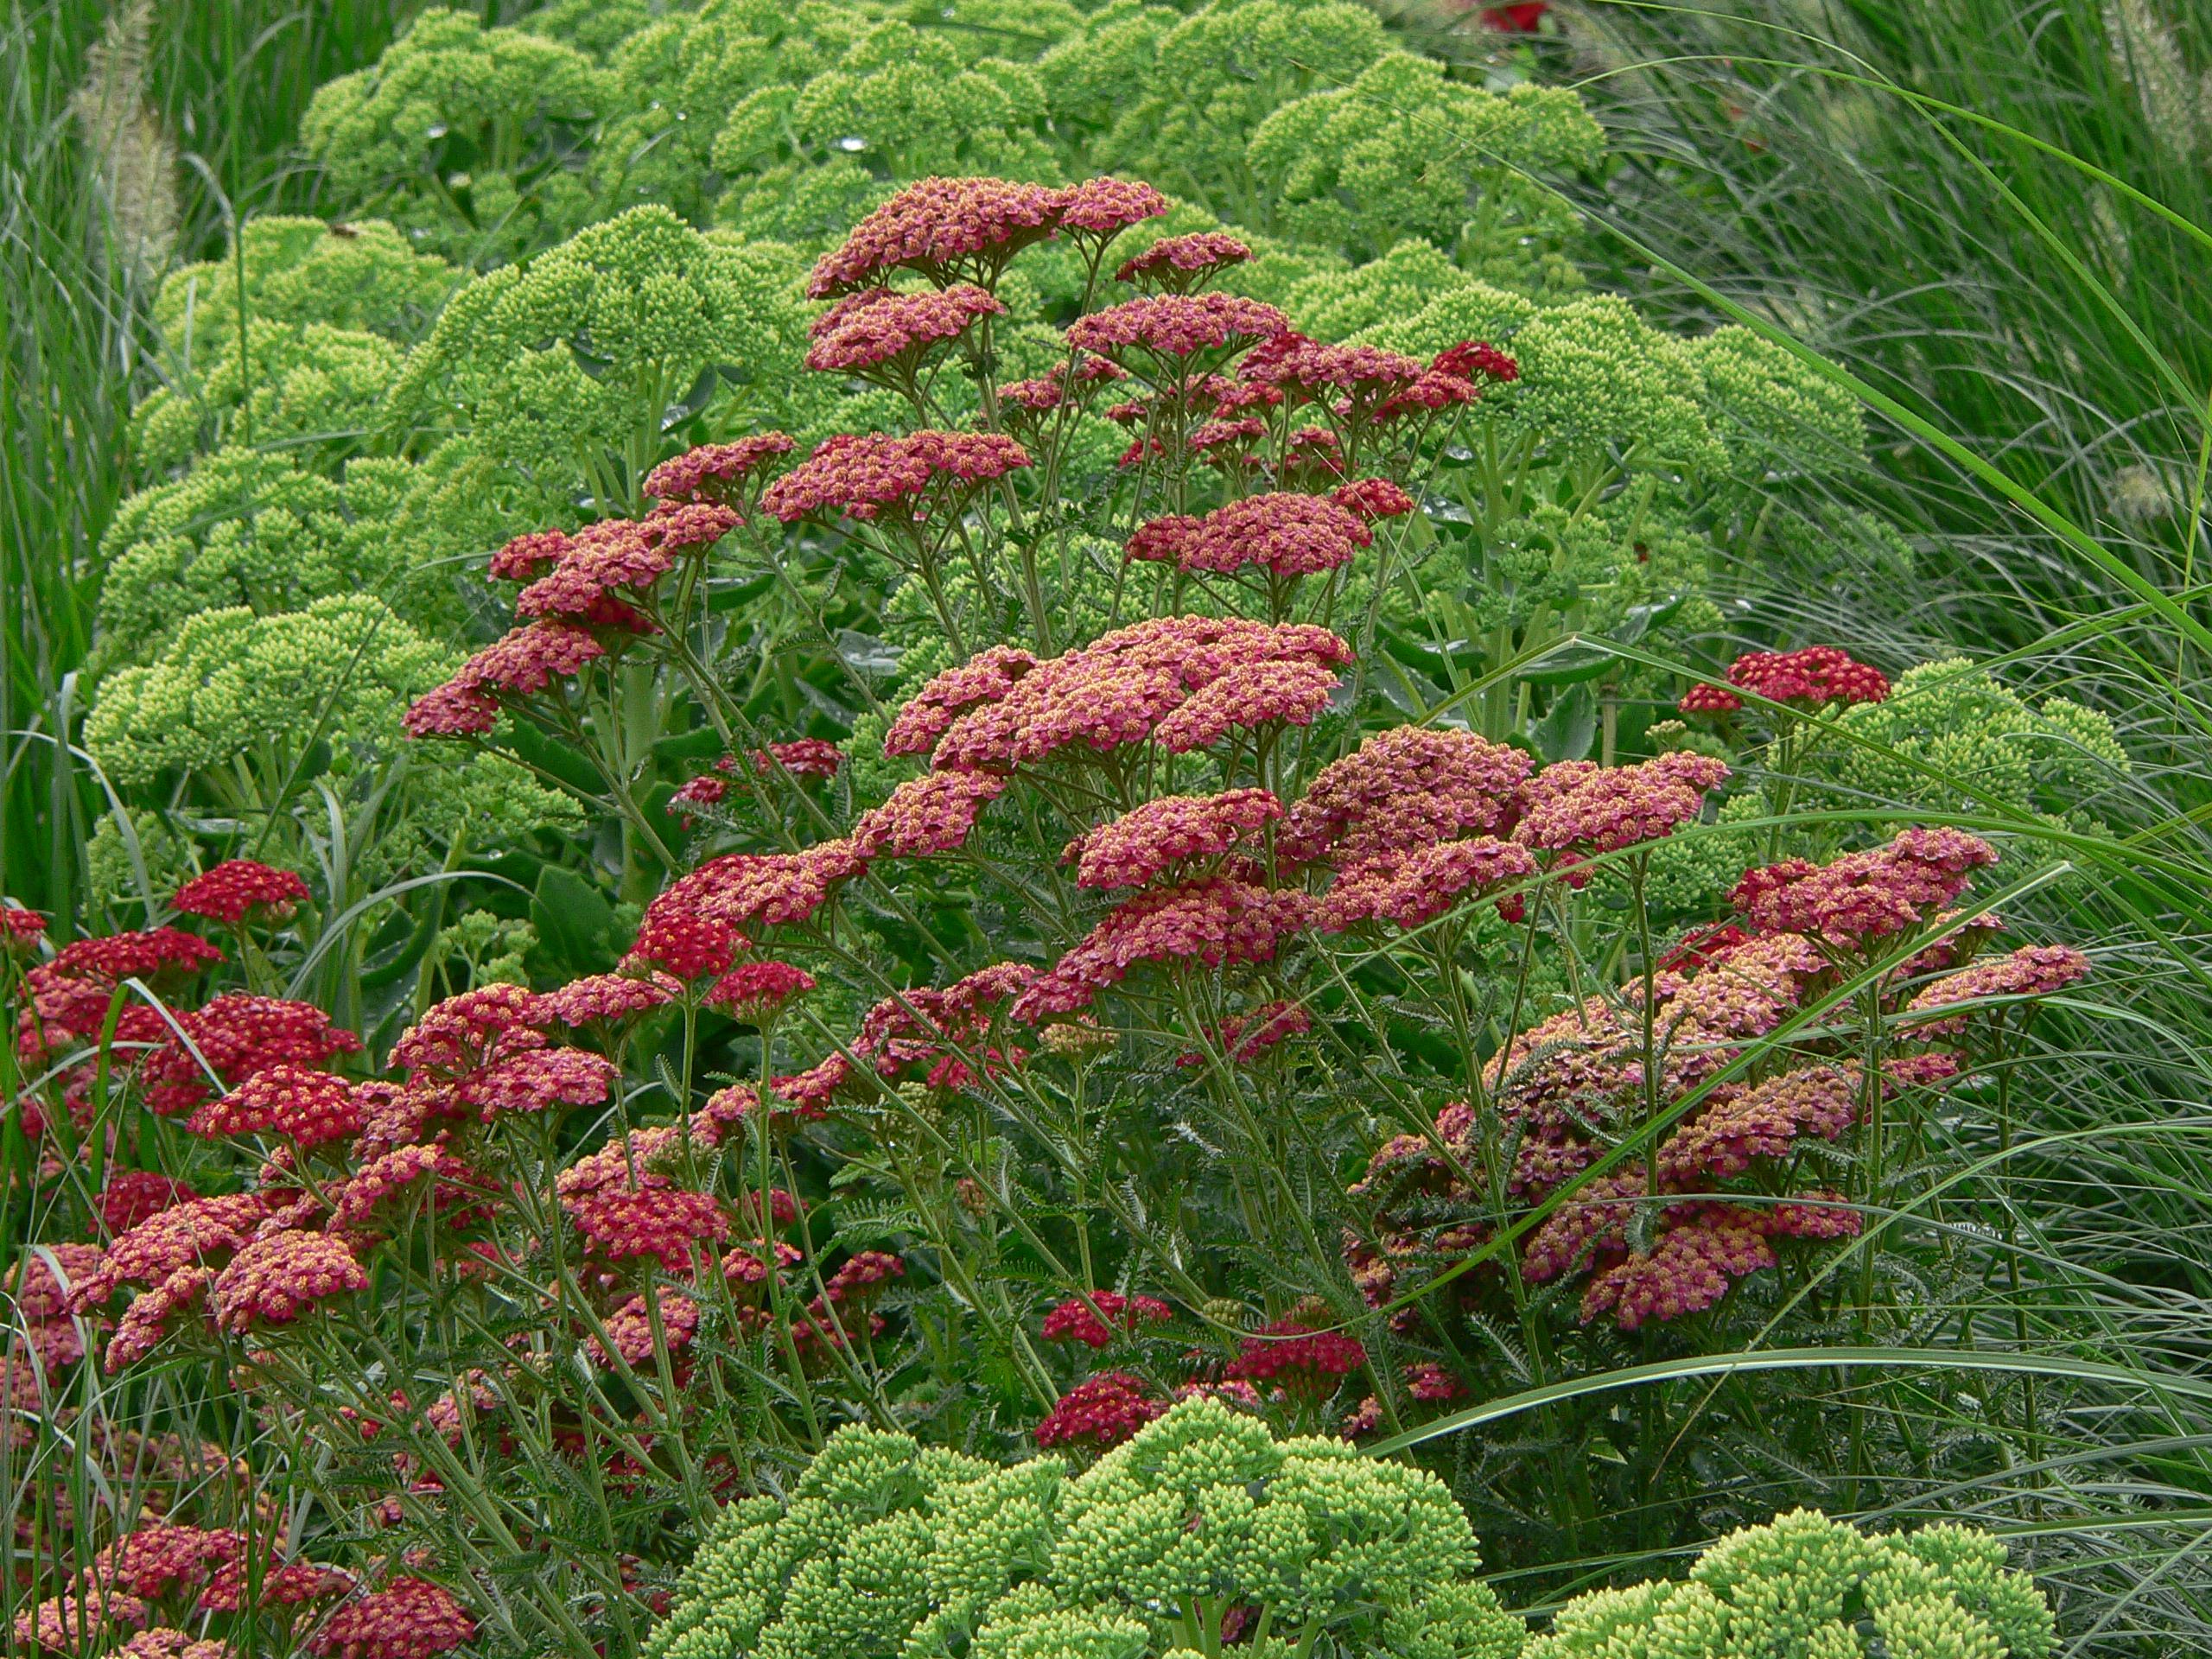 Dise o de jardines jardinarias dise o decoraci n y mantenimiento - Disenador de jardines ...